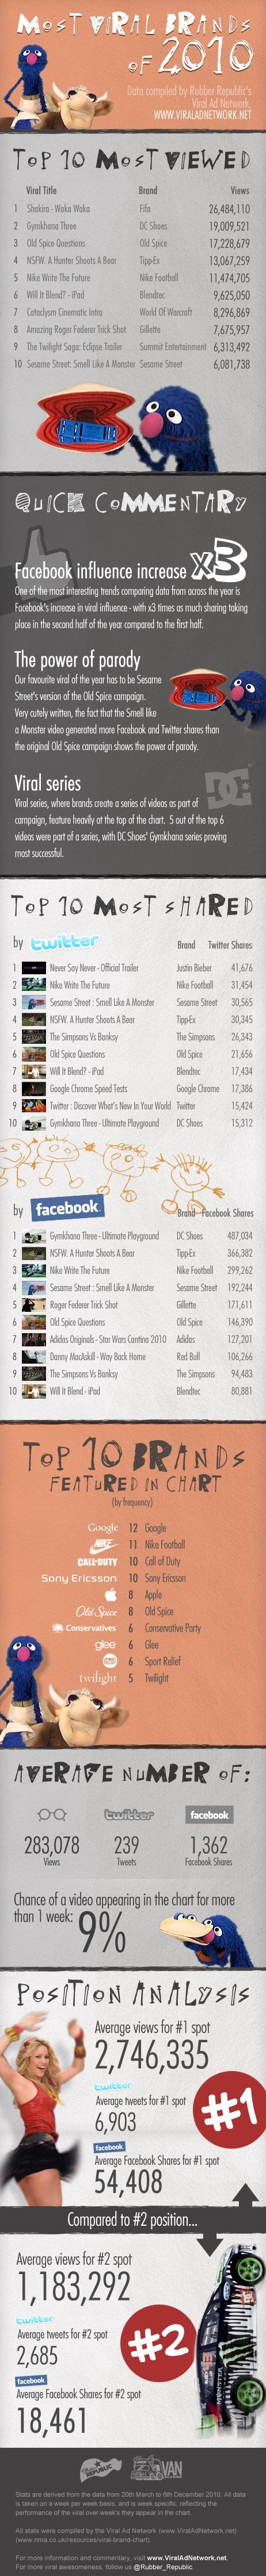 Viralsten Marken 2010 Infografik